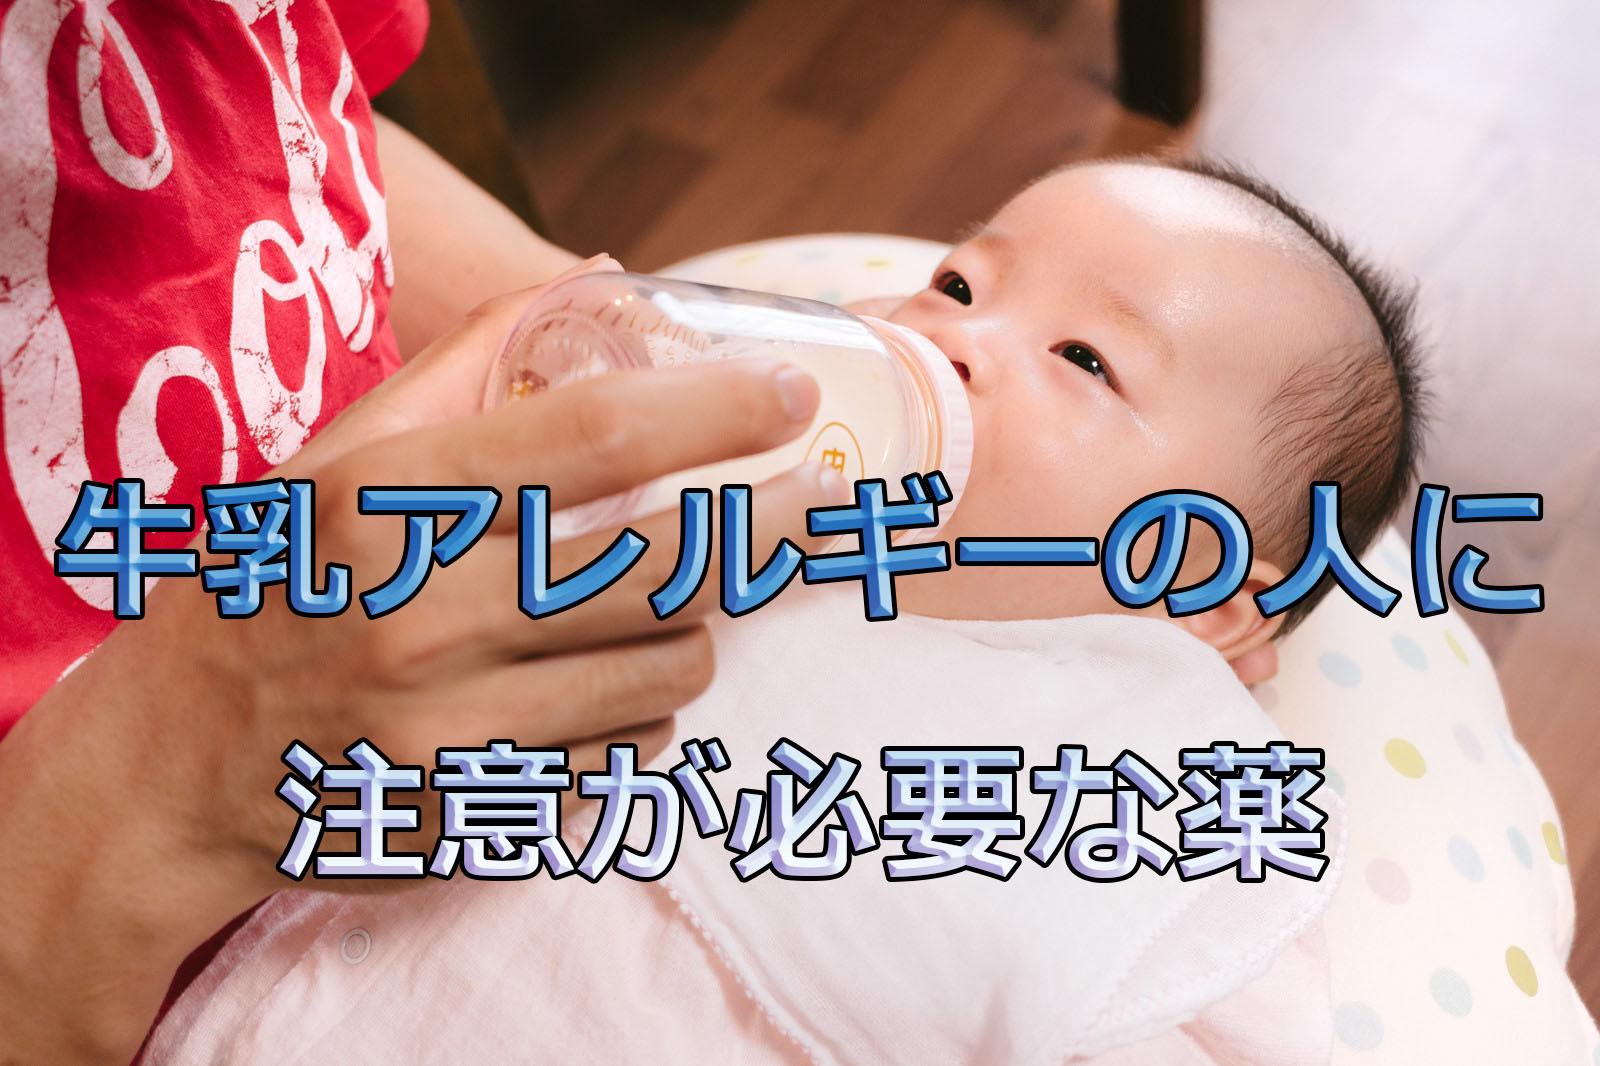 牛乳アレルギーに注意が必要な薬ーイナビル(ラニナミビル)も使えない!?